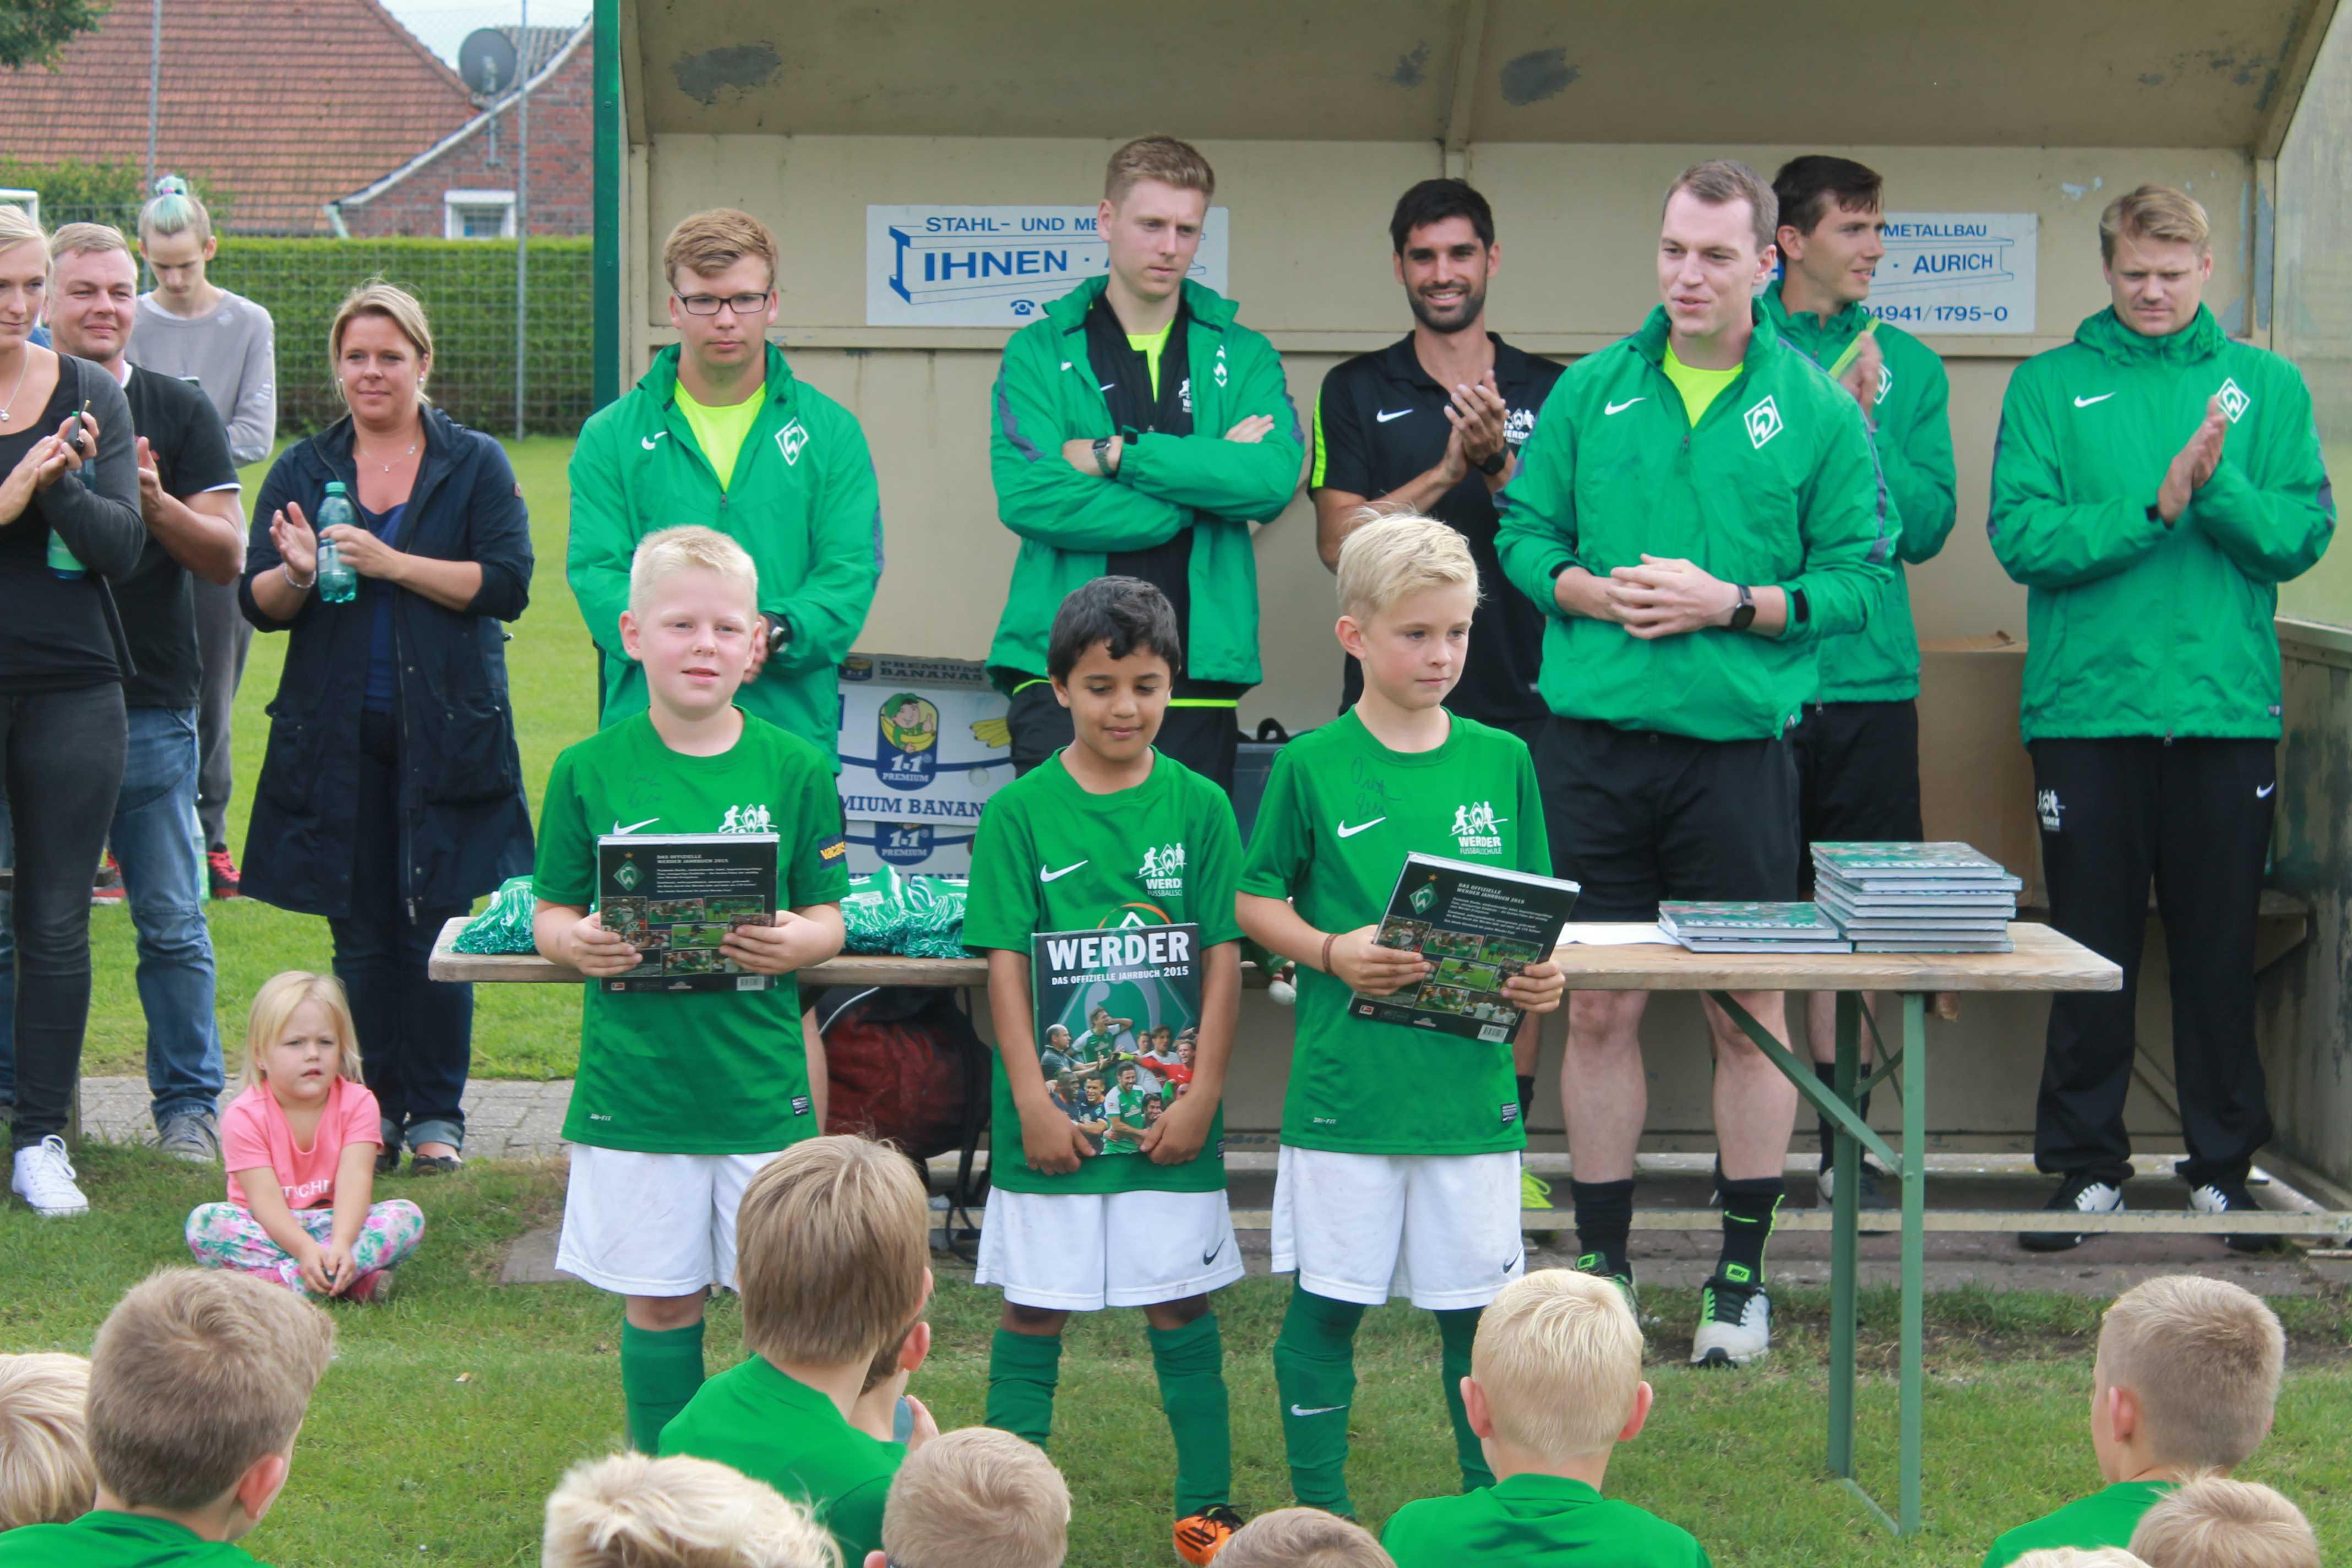 2016-08-14 Werder CAMPontour - Sonntag (125)